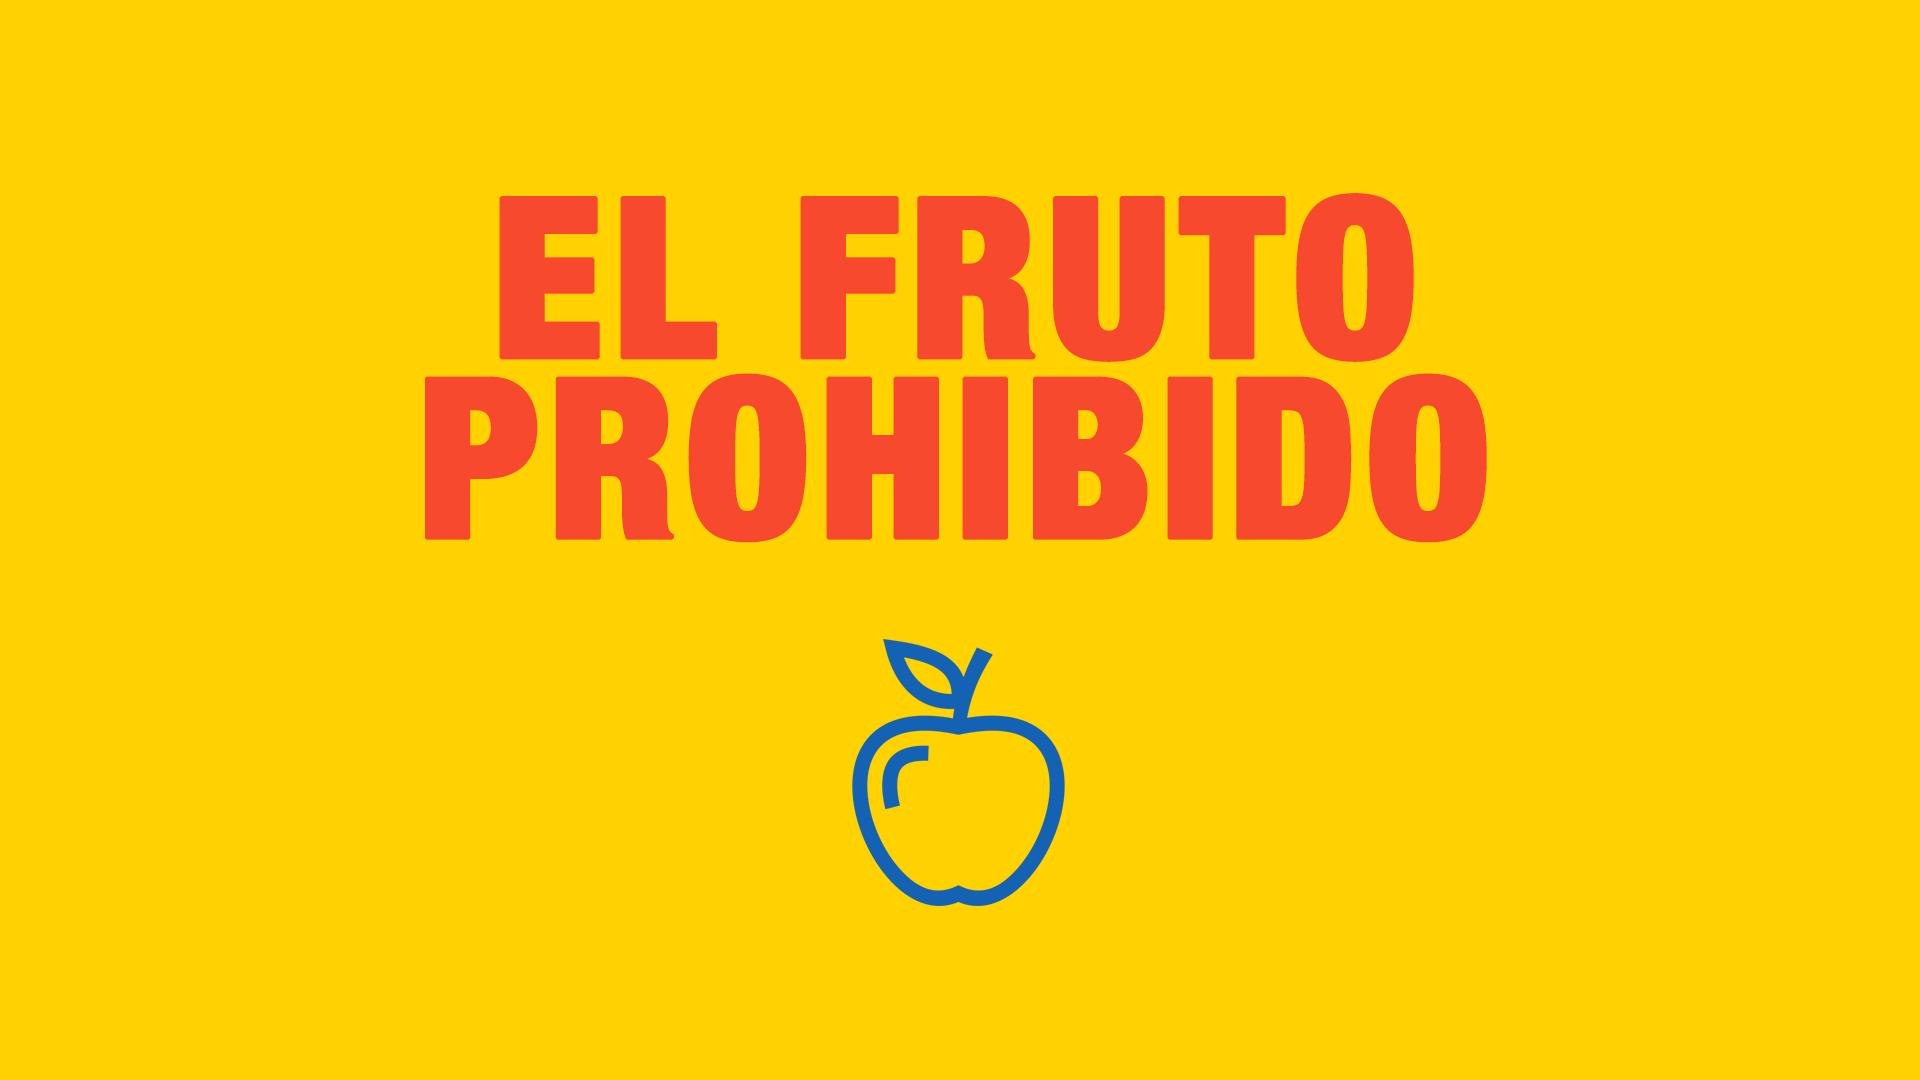 El fruto prohibido.jpg